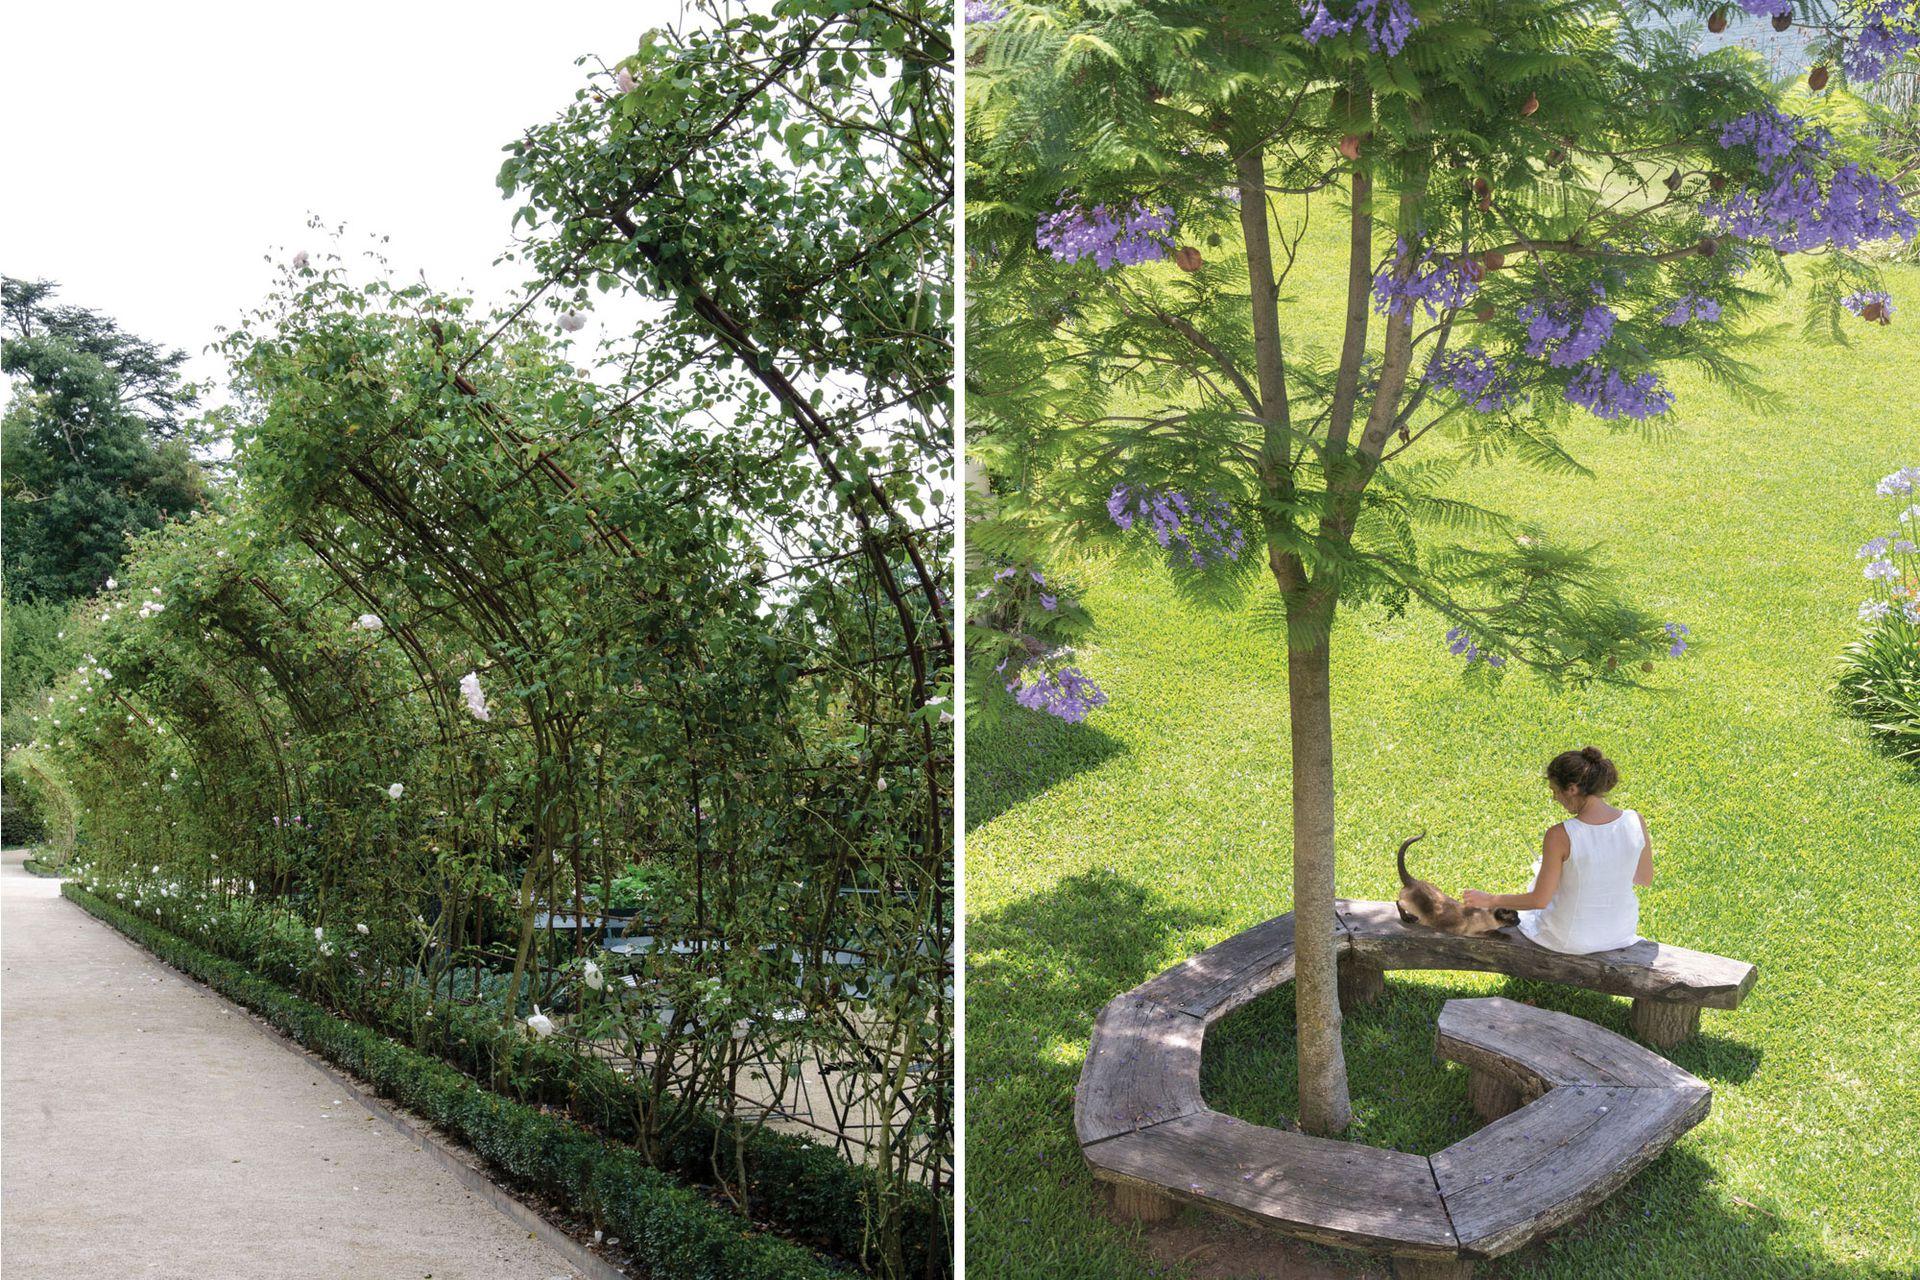 Izquierda: una media pérgola puede servir para dividir sectores o para remarcar un sendero. Derecha: la rusticidad del banco y sus líneas orgánicas logran que se integre con naturalidad en el paisaje.